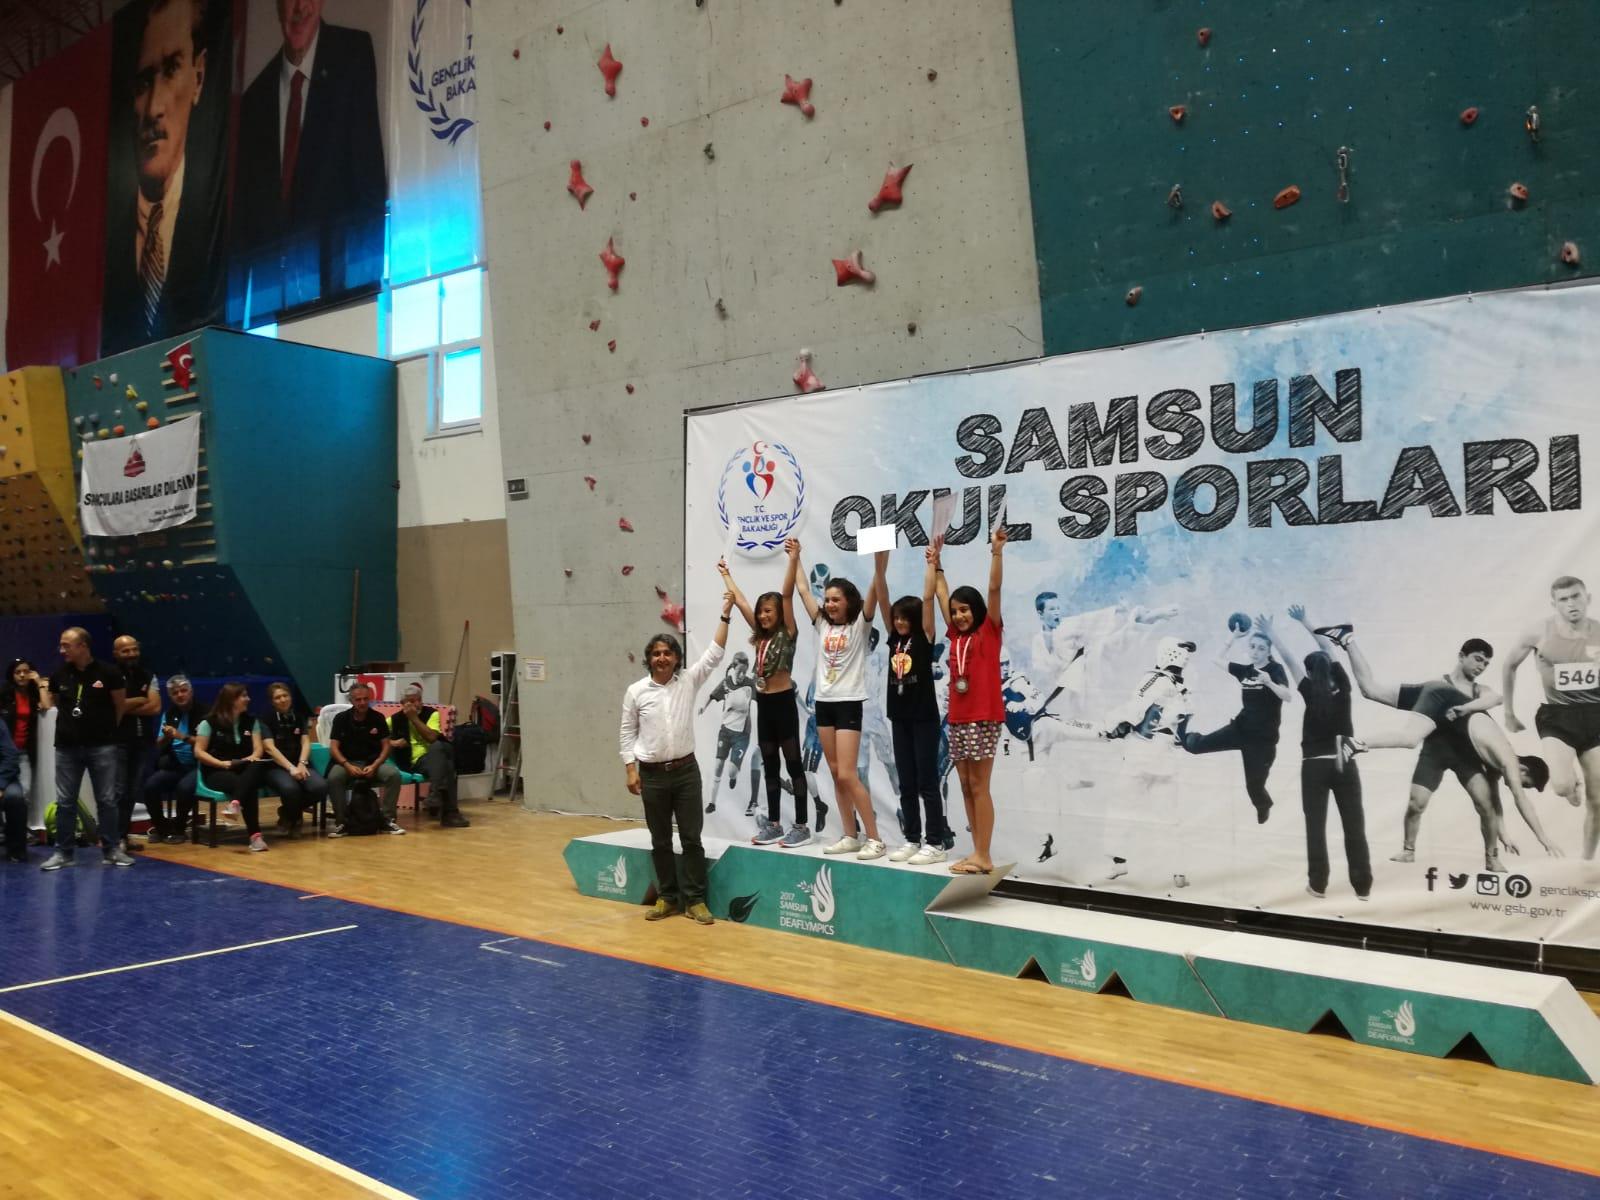 - 04 - 06 Haziran tarihlerinde Samsun'da gerçekleştirilen; Okullararası Küçükler Spor Tırmanışı Türkiye Birinciliği Müsabakaları'nda, okulumuz 5/B sınıfı öğrencisi, Melis Pehlivan Türkiye Dördüncüsü oldu. Tebrikler Melis!